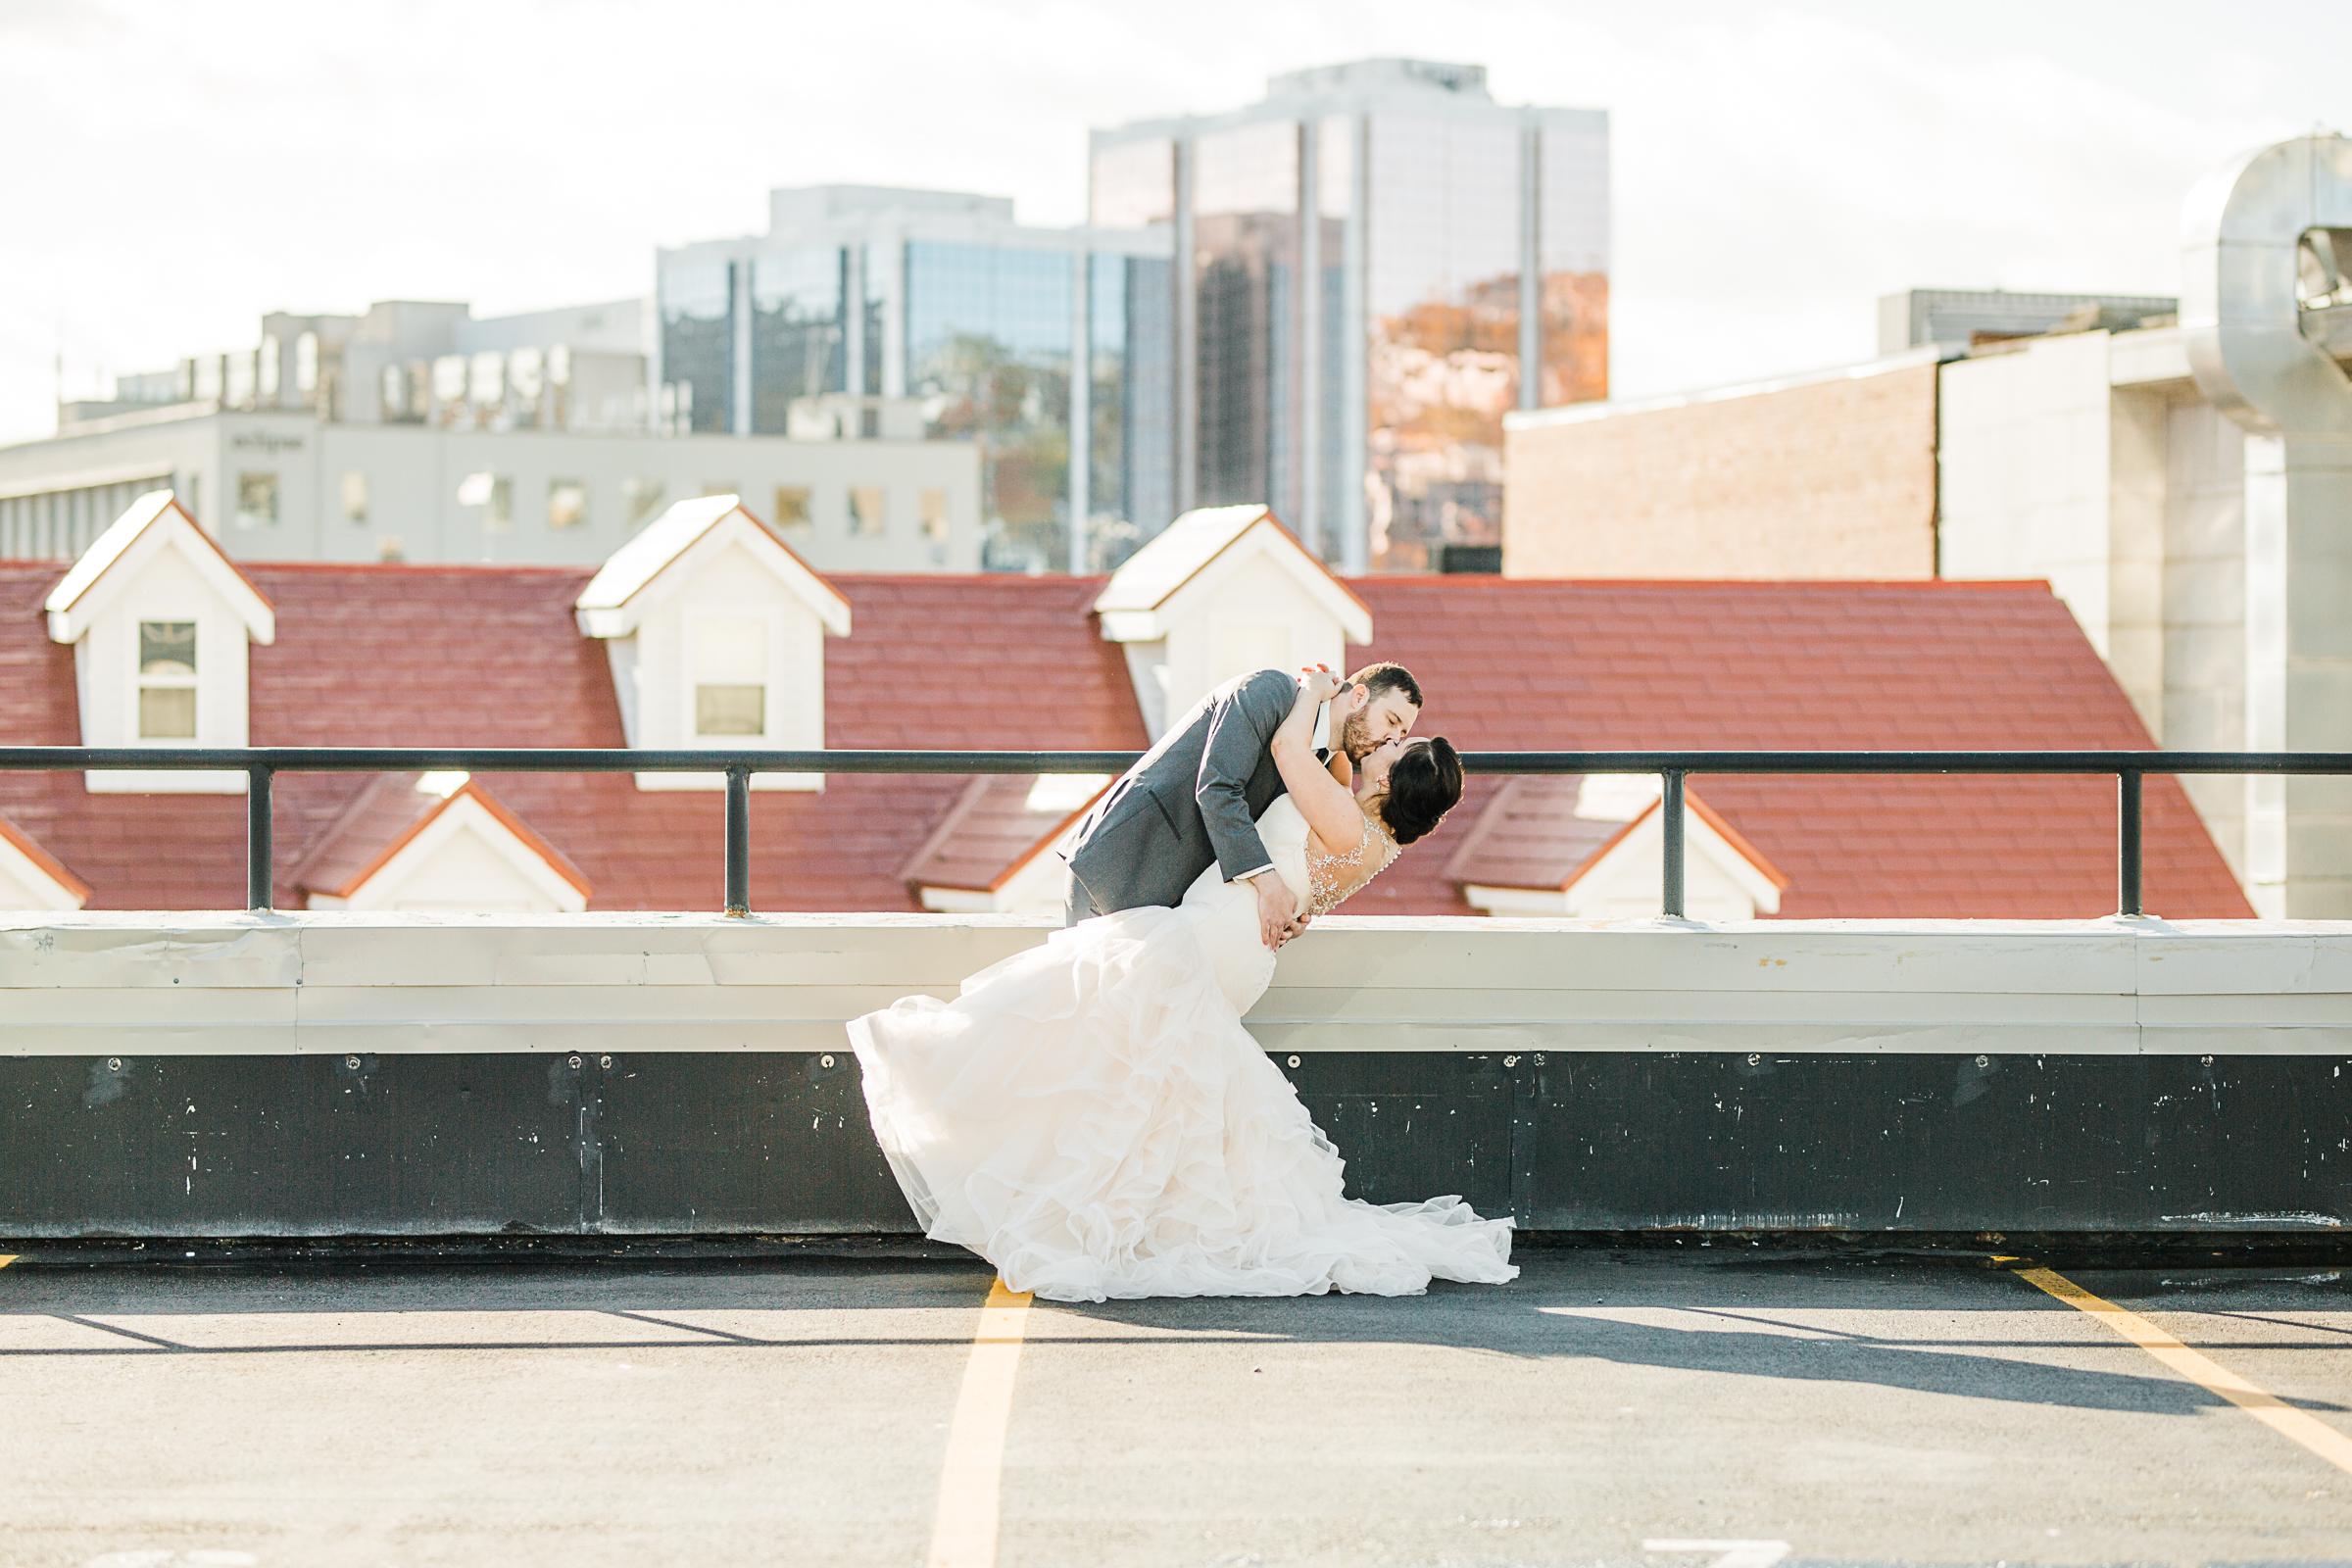 0013st-johns-wedding-photographer-rocket-bakery.jpg